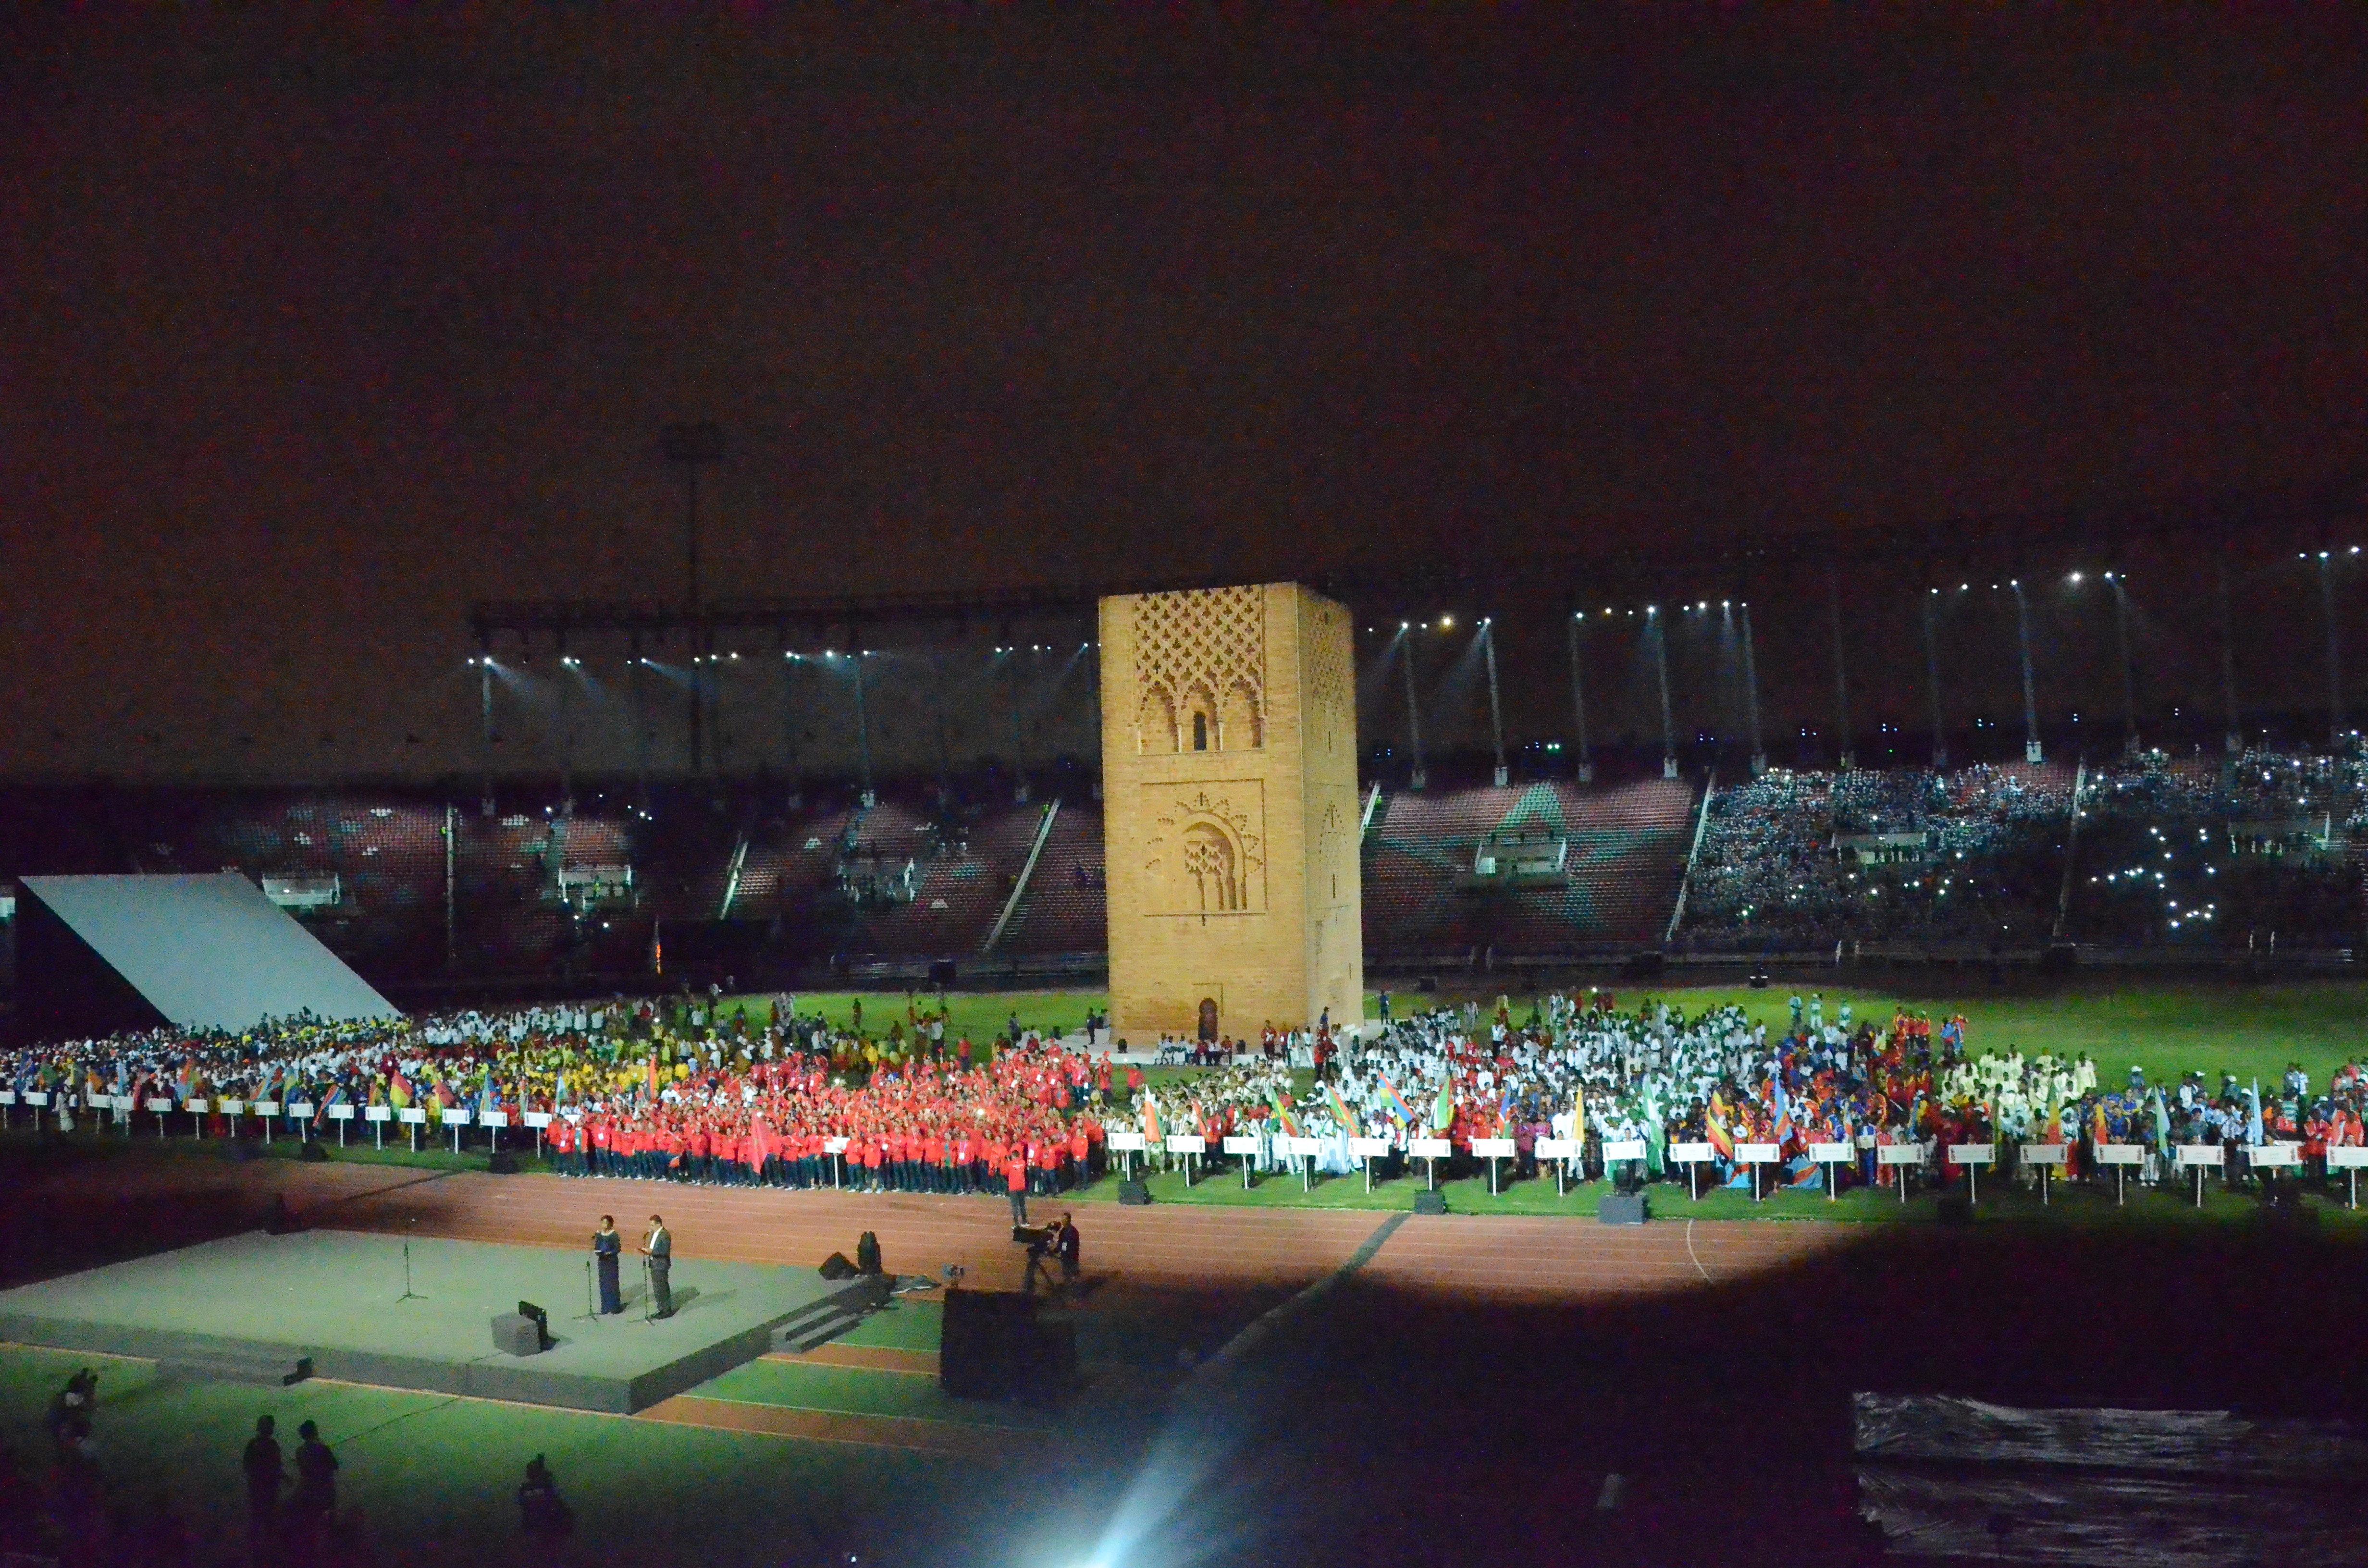 الرباط: تغطية المنتخب لحفل افتتاح الألعاب الافريقية